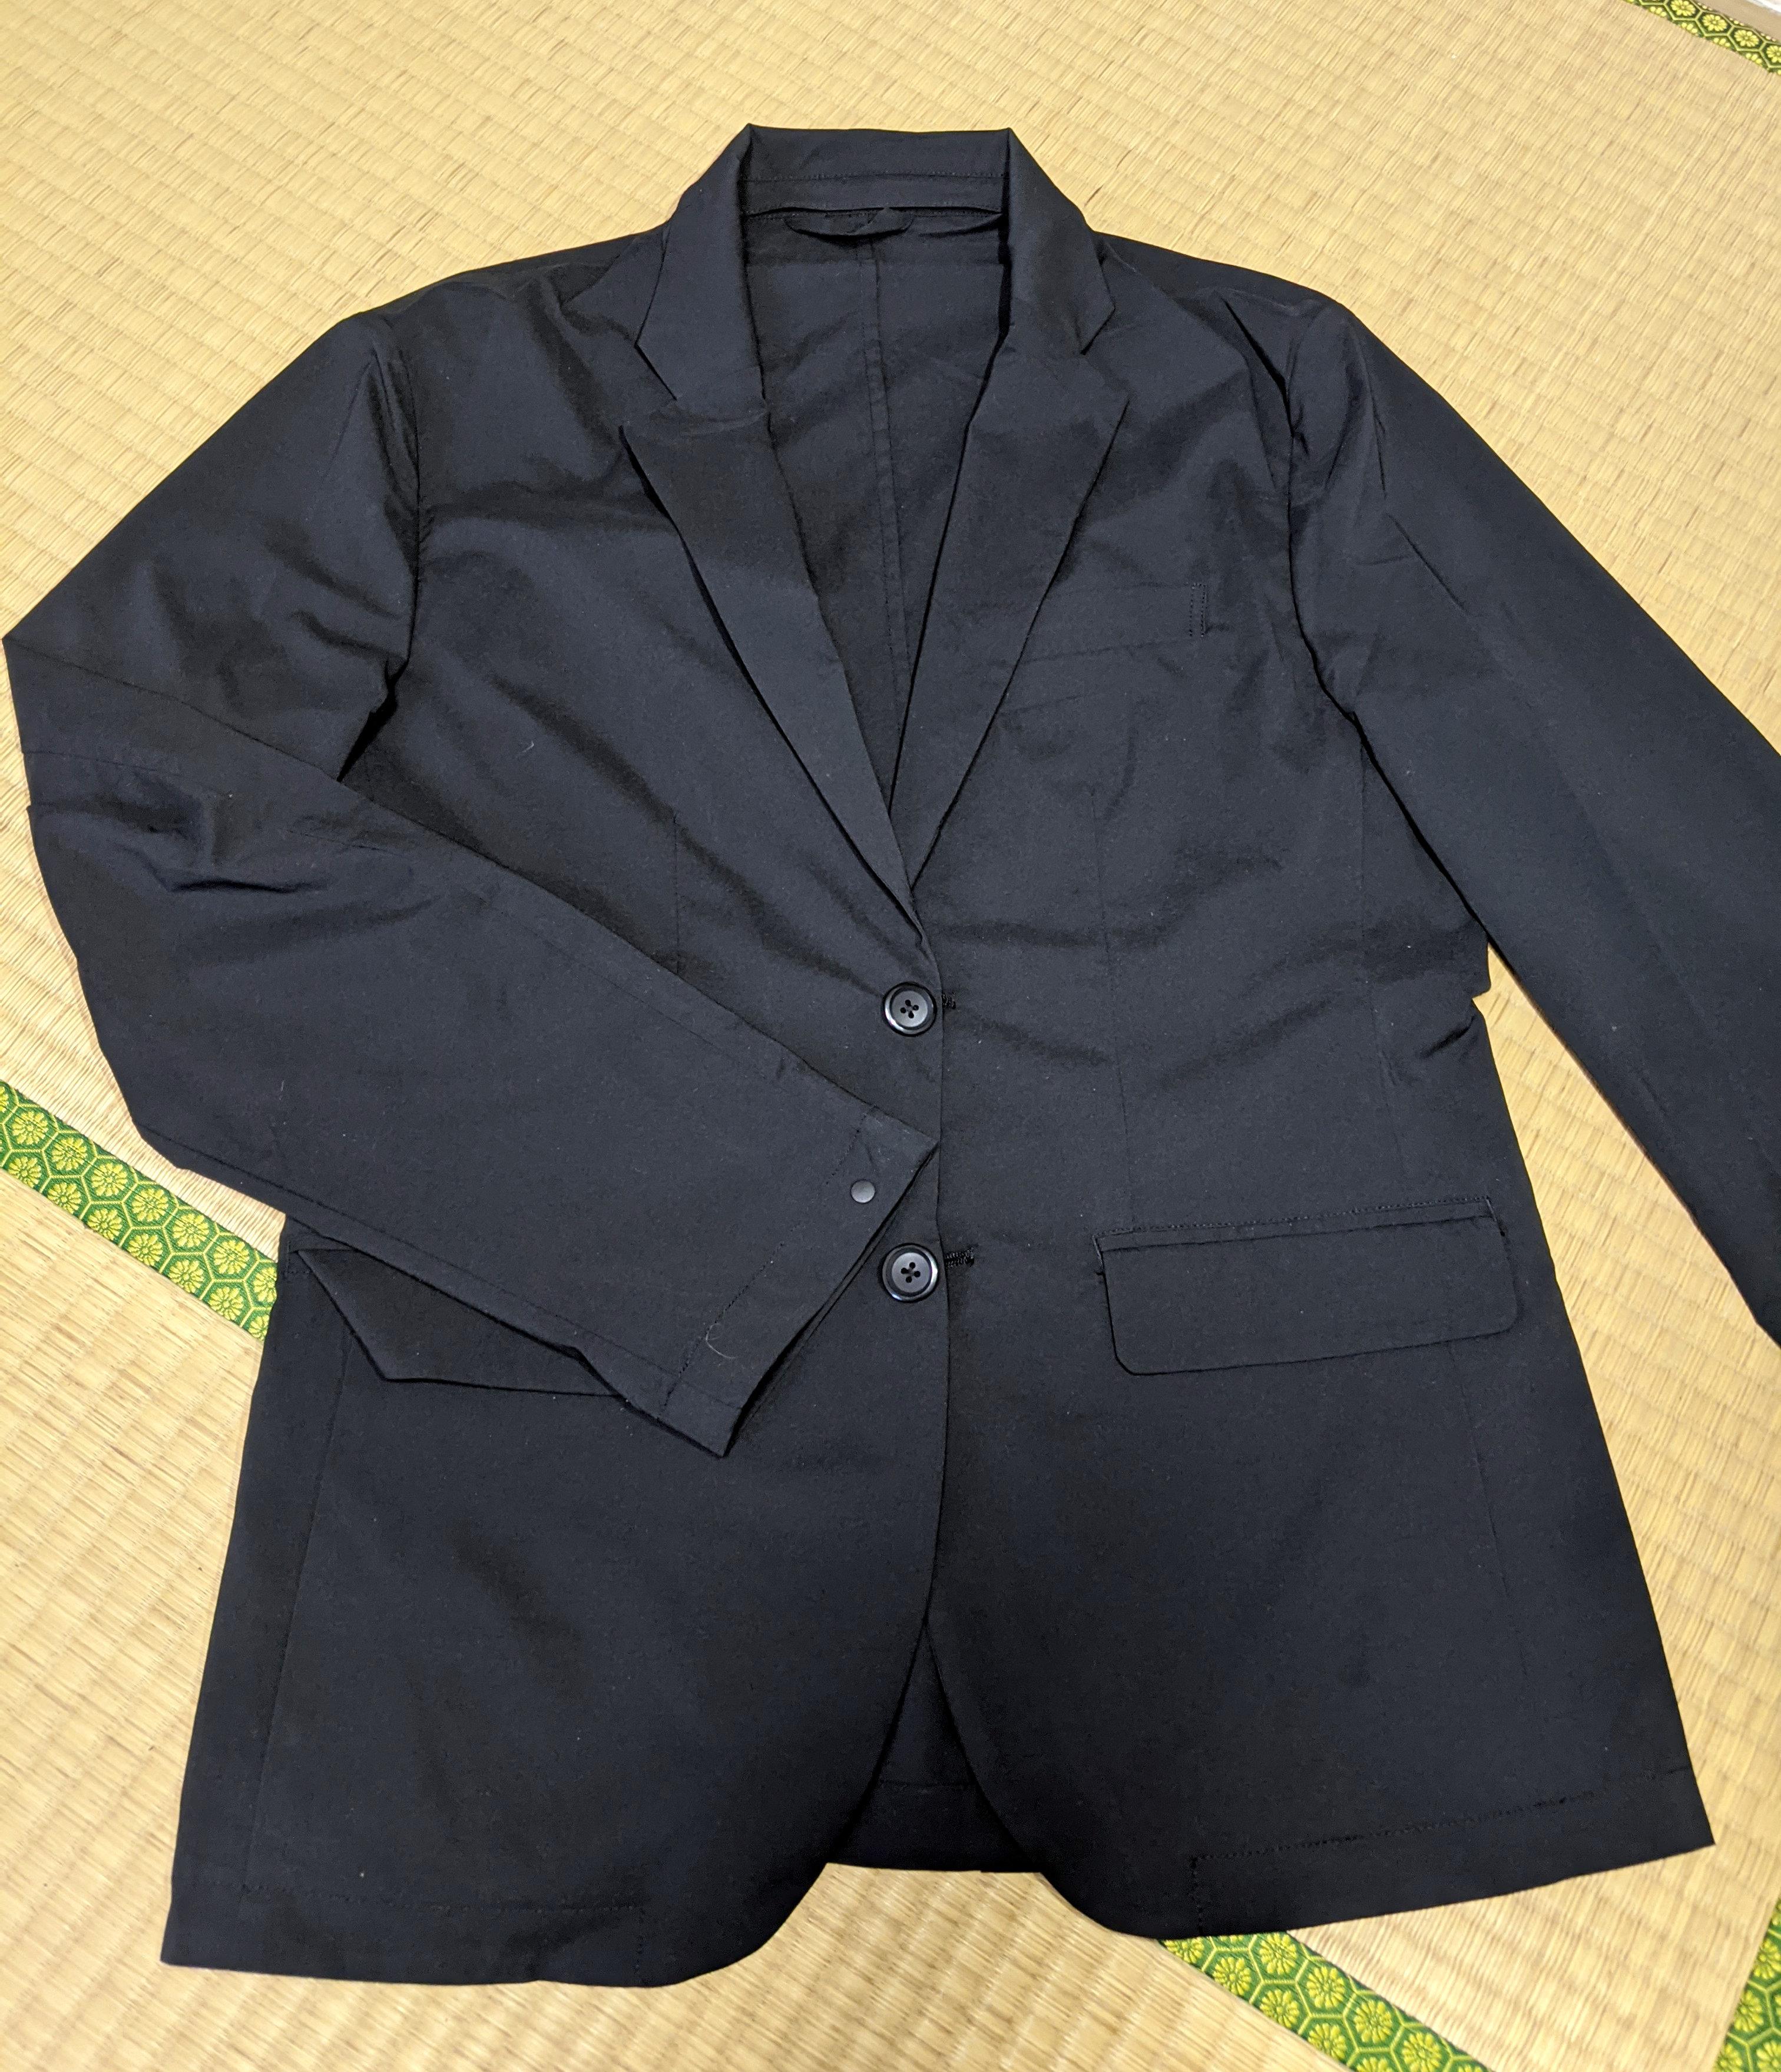 ワーク スーツ アクティブ